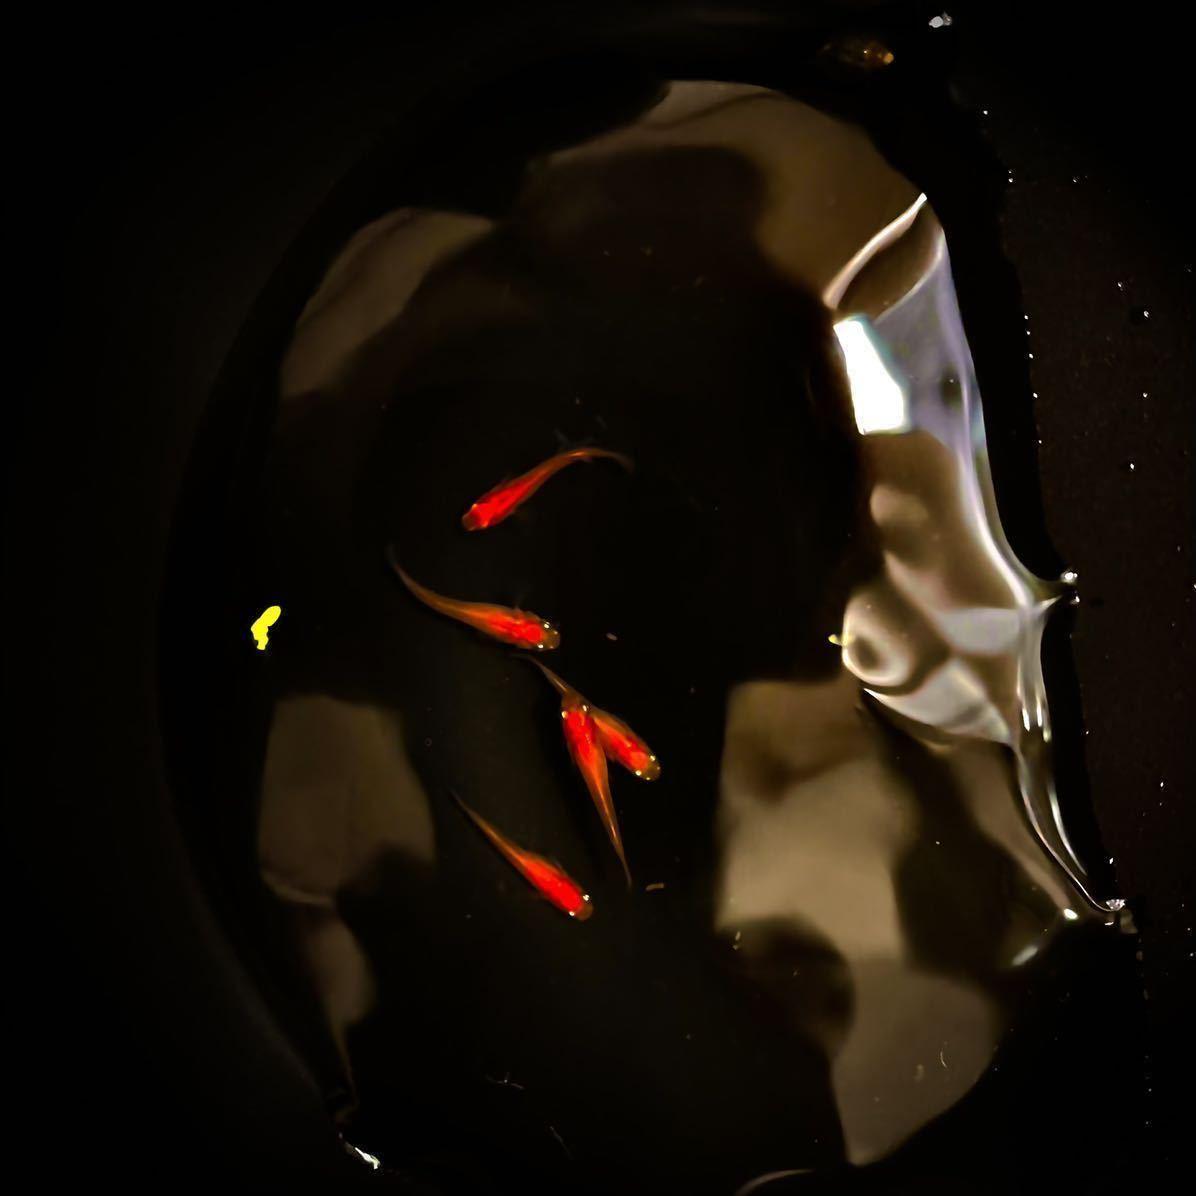 森のメダカさん血統!激レア鬼赤紅帝メダカ■ 有精卵25粒スーパーレッド楊貴妃_画像1